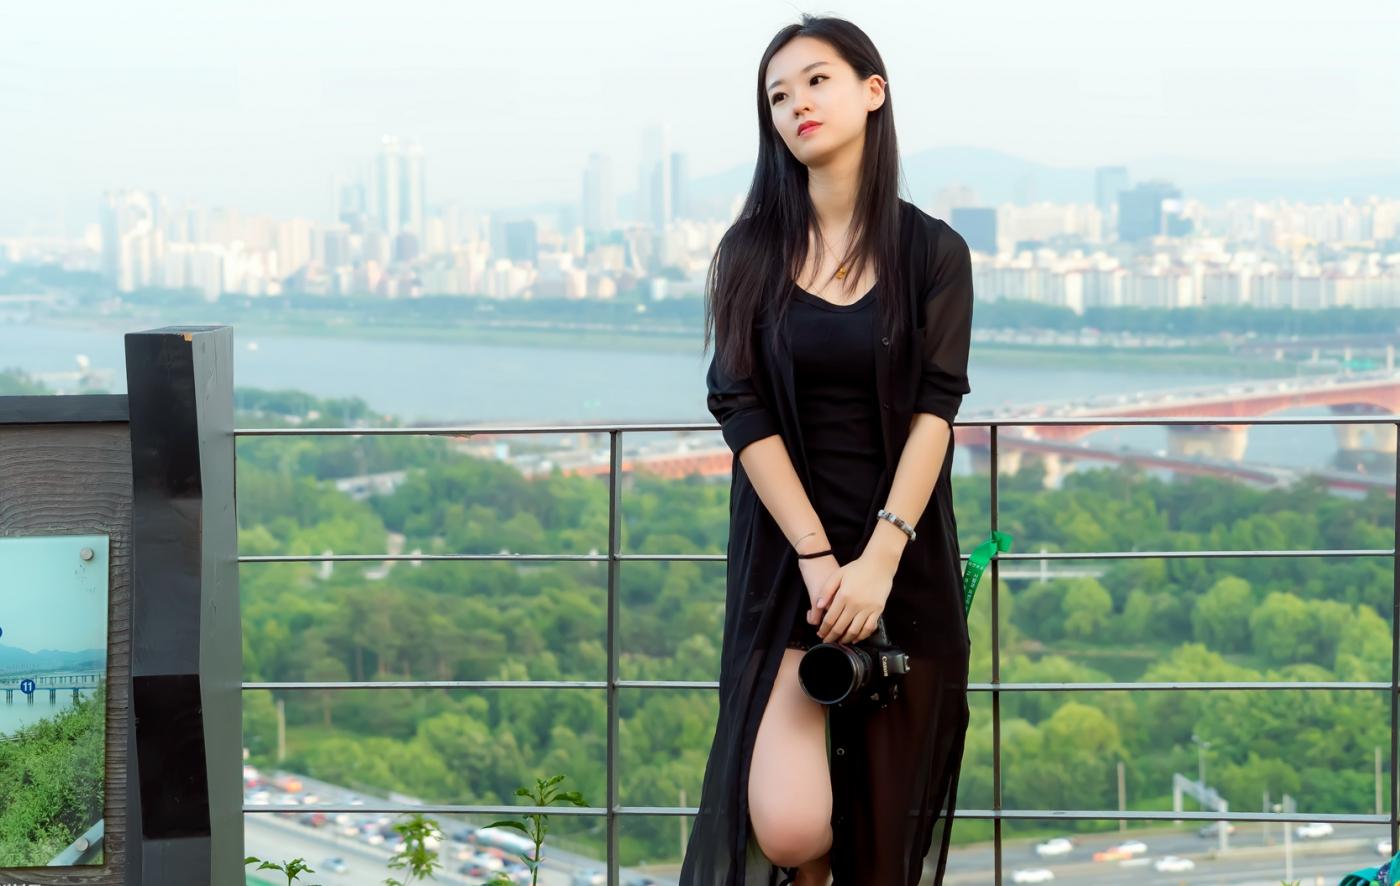 我所见过的最漂亮的女摄影师 姑娘的摄影是舞蹈老师教的吧_图1-24